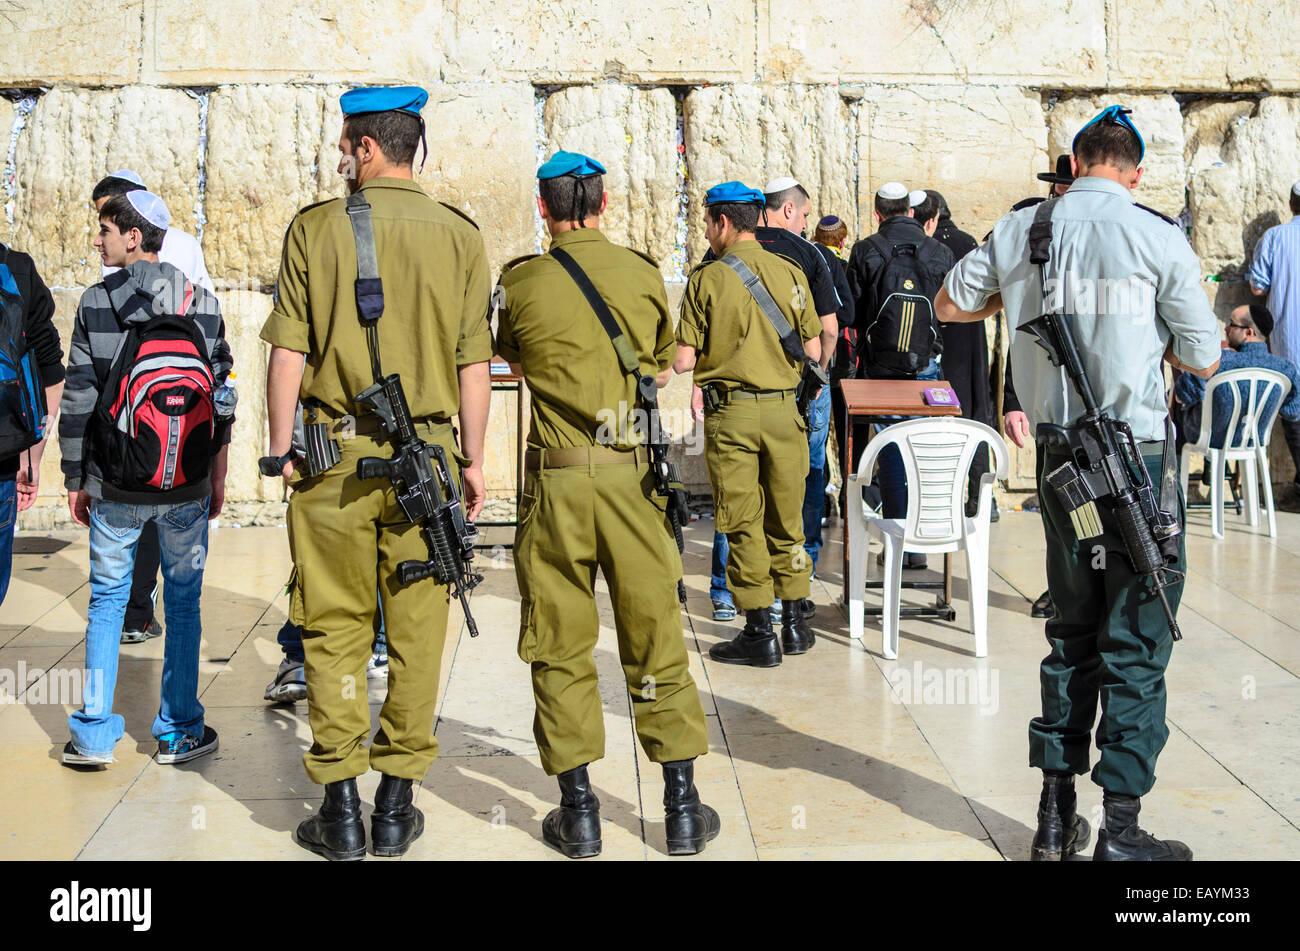 Jérusalem, Israël - 23 février 2012: des soldats israéliens montent la garde devant le Photo Stock